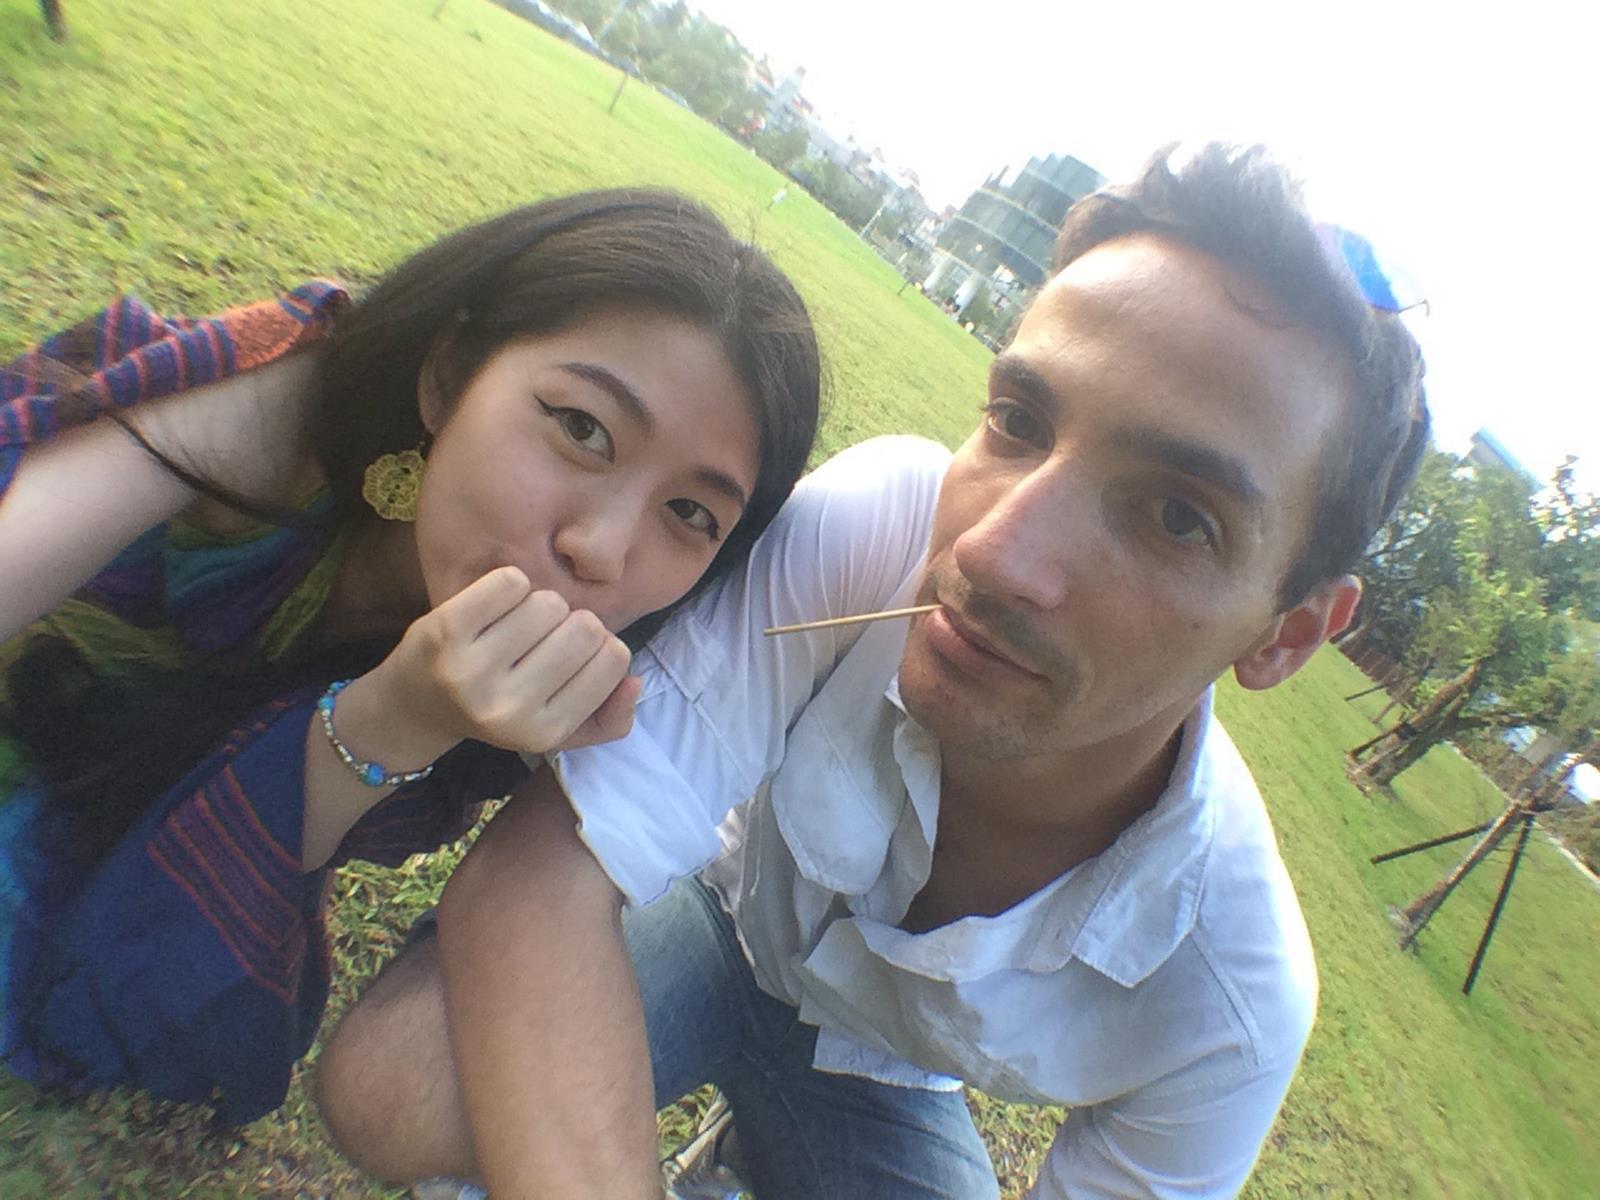 Und jetzt mal ganz cool: Zoe und ich beim Picknick